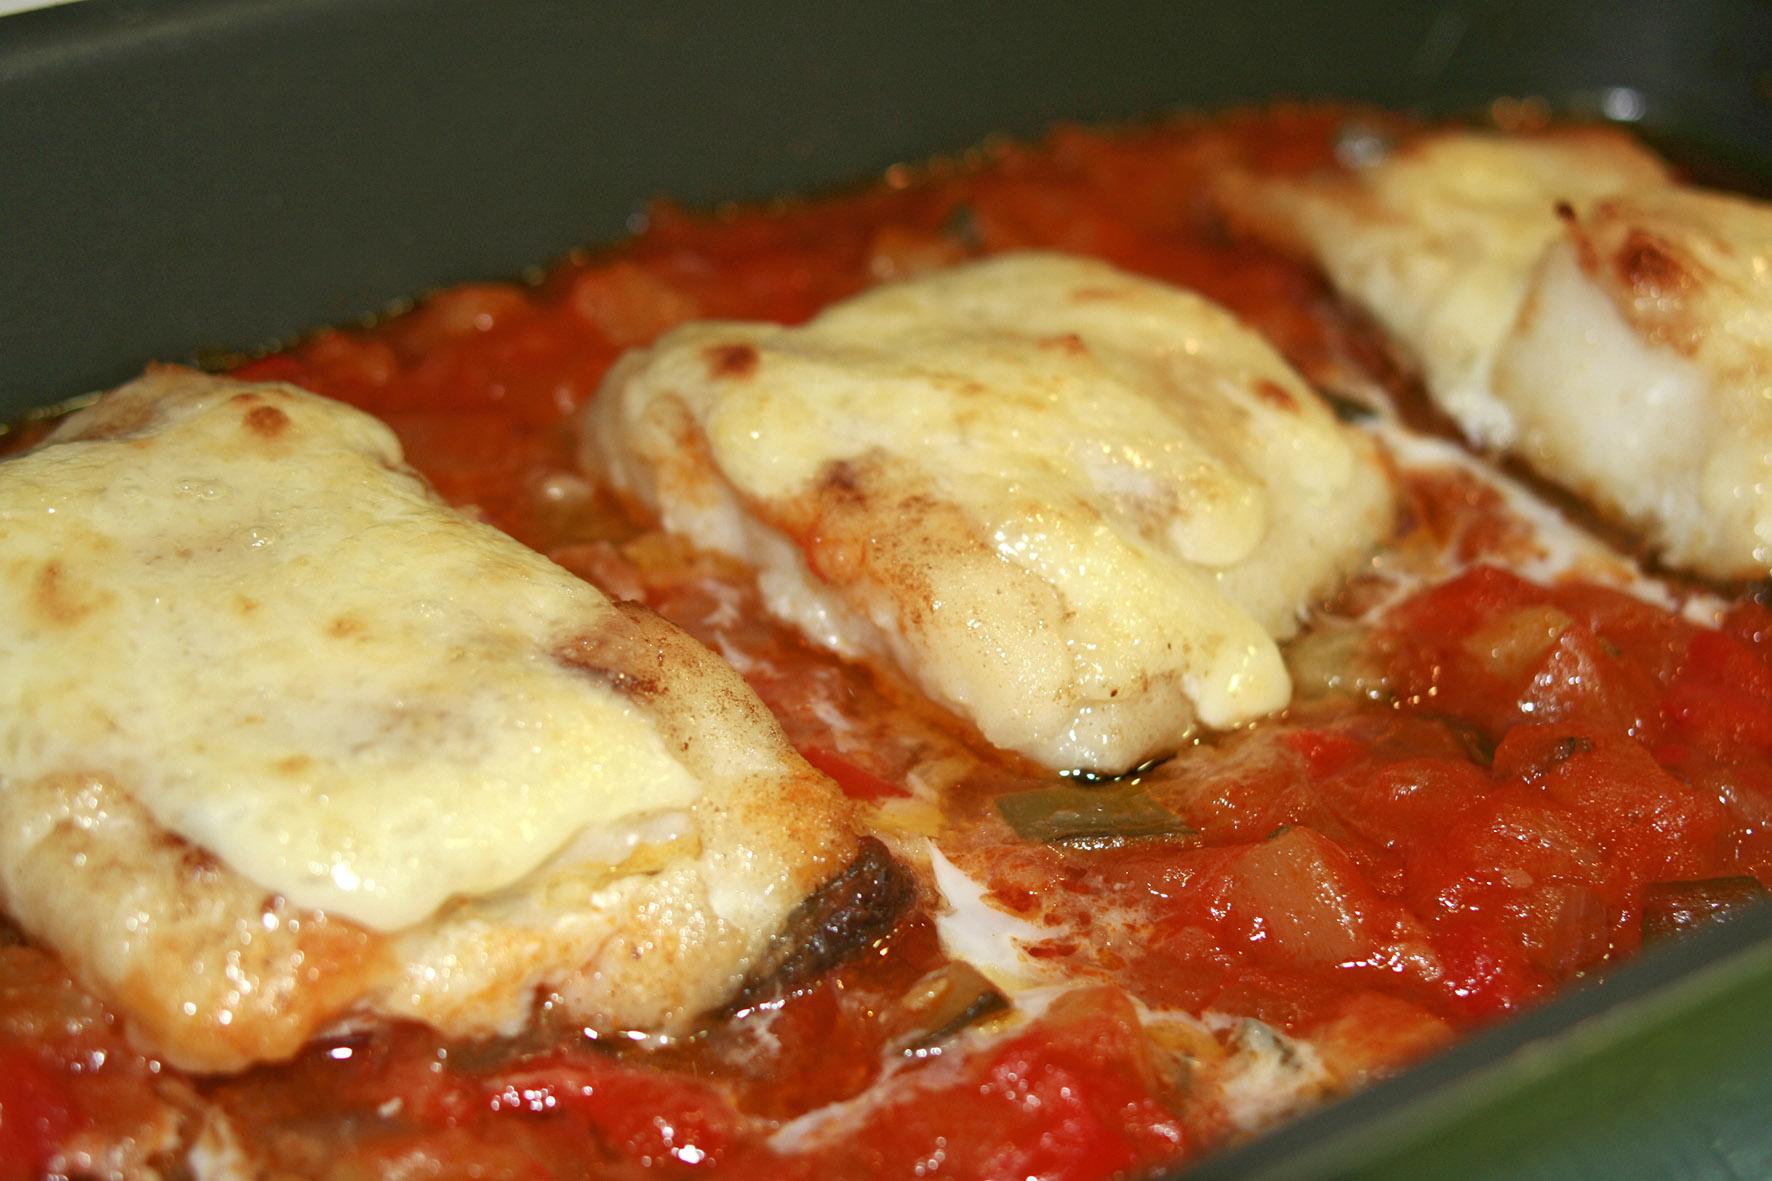 Recetas de bacalao ricas opciones para variar mil recetas for Como cocinar bacalao al horno